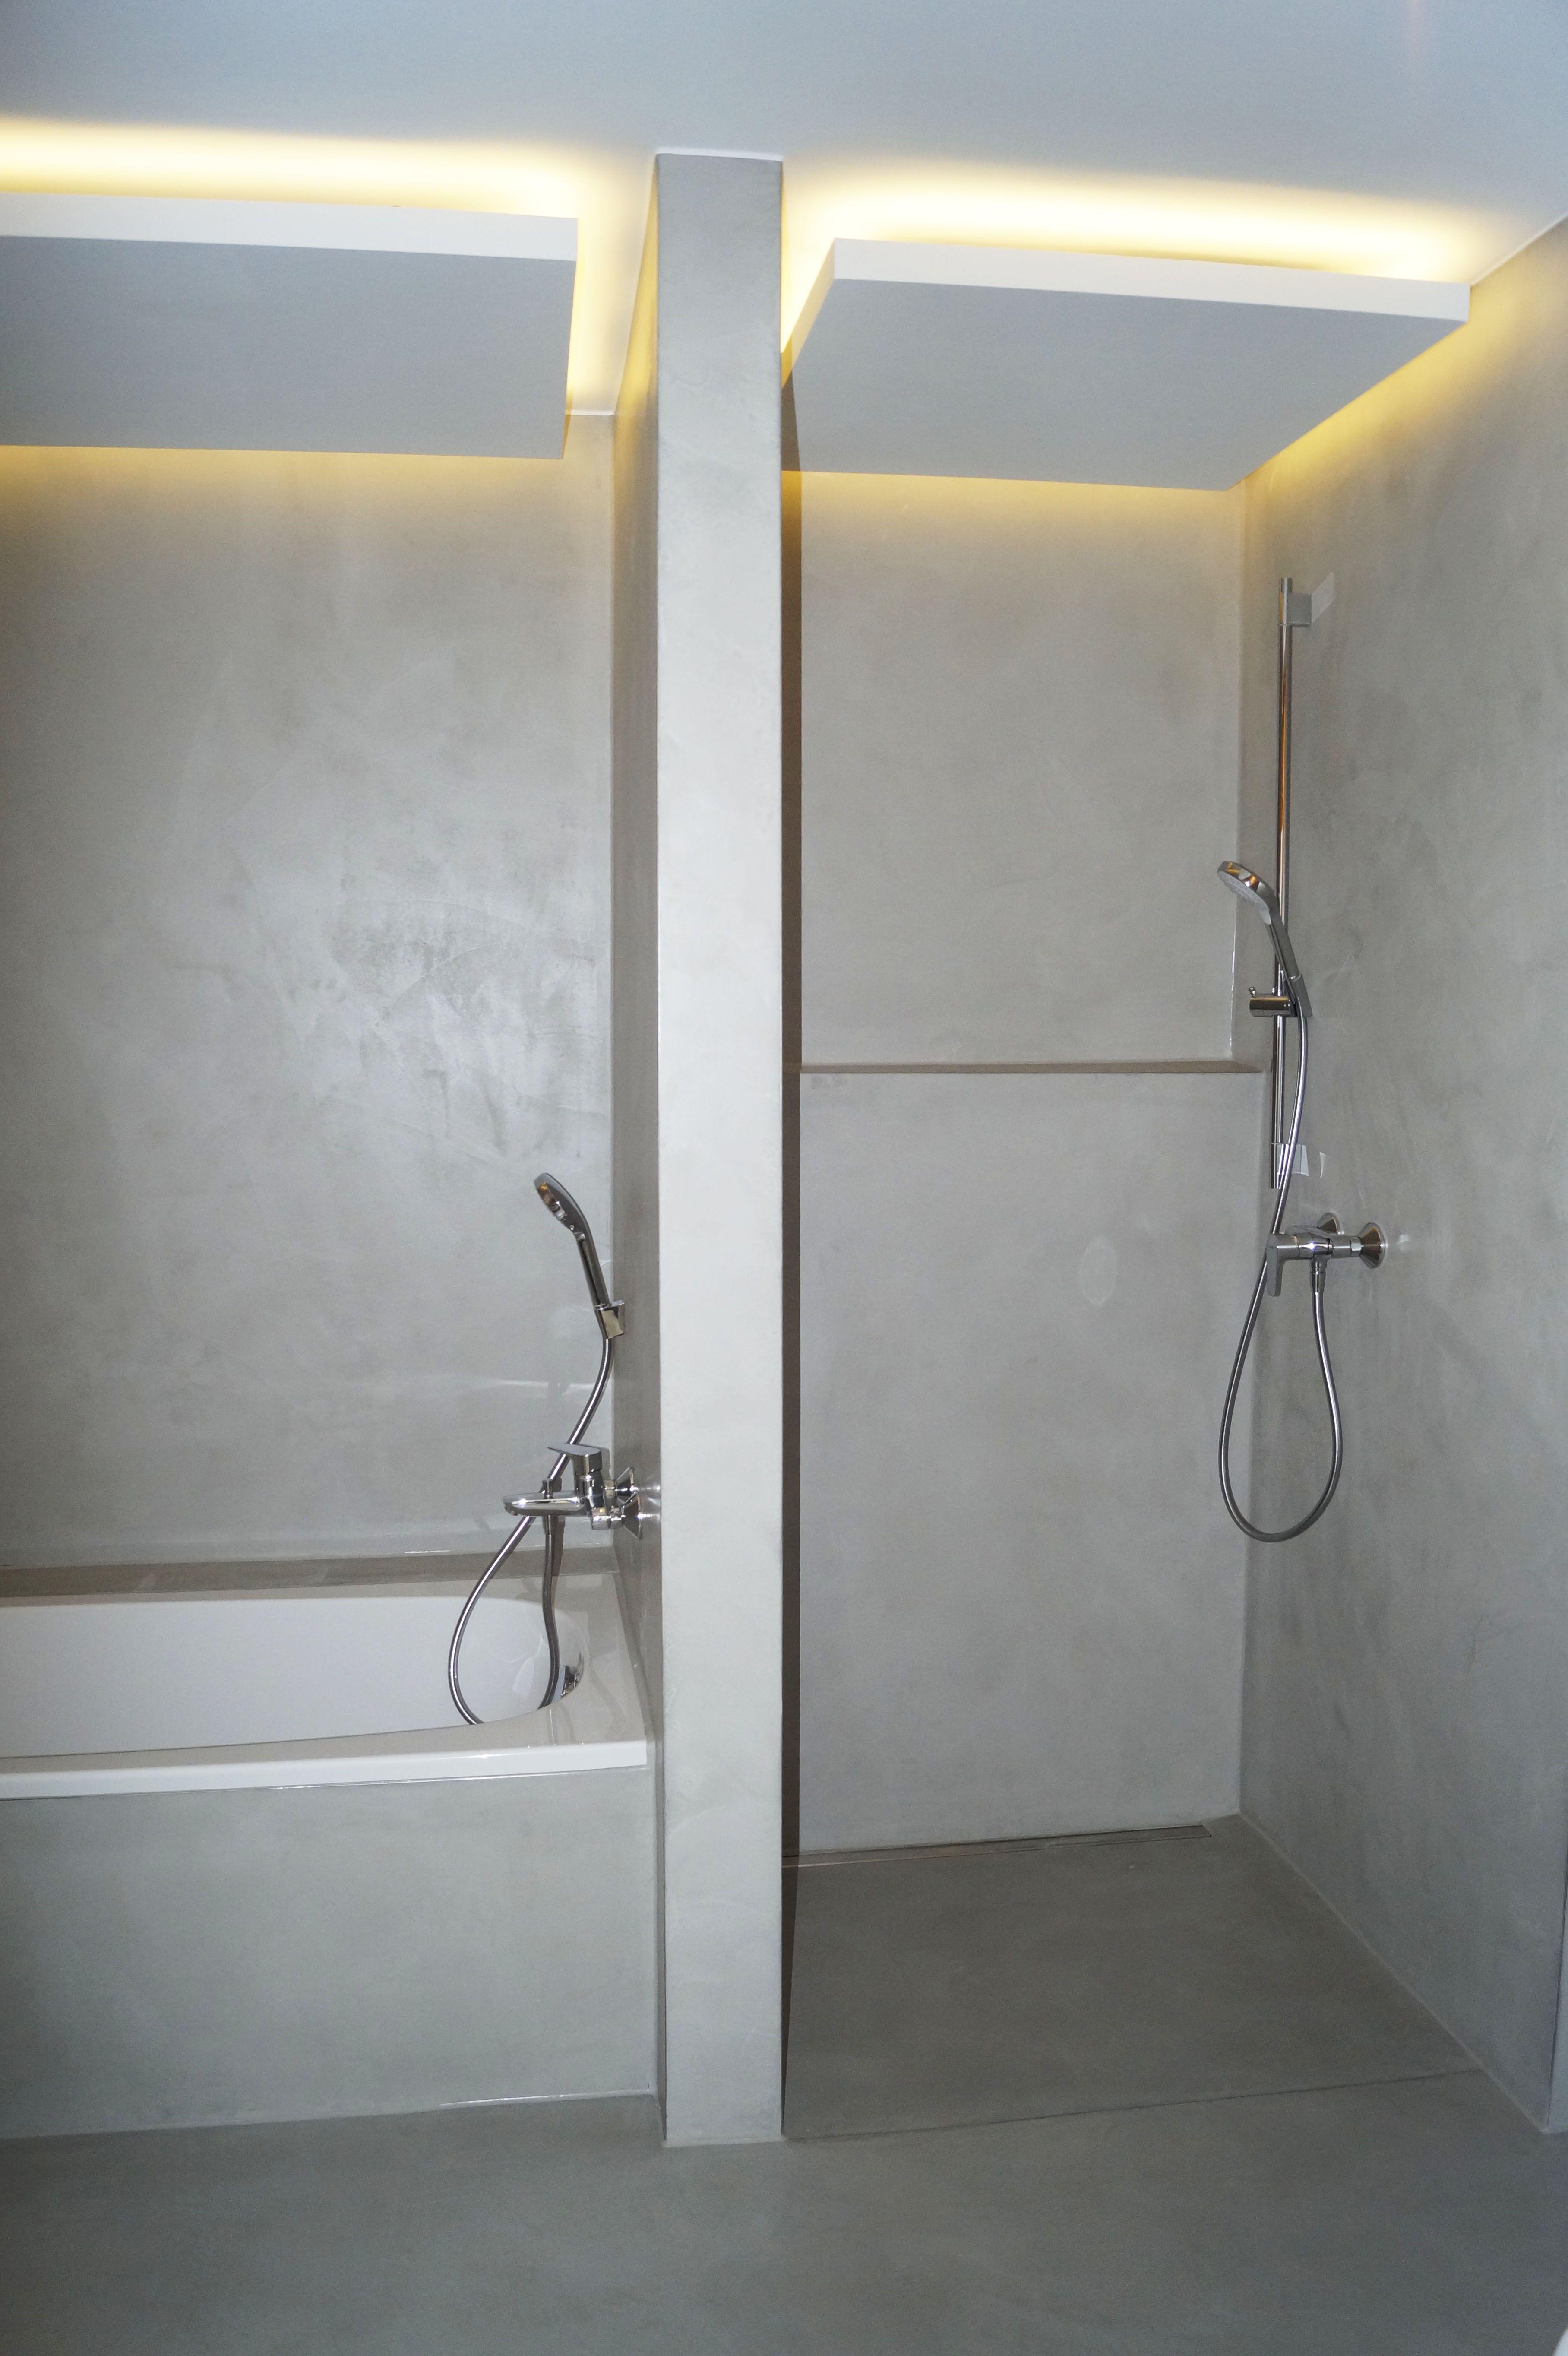 Bad Und Dusche In Betonoptik Gespachtelt Mit Weisszement Von Fugenlos Modern De Fugenloses Bad Dusche Renovieren Dusche Beleuchtung